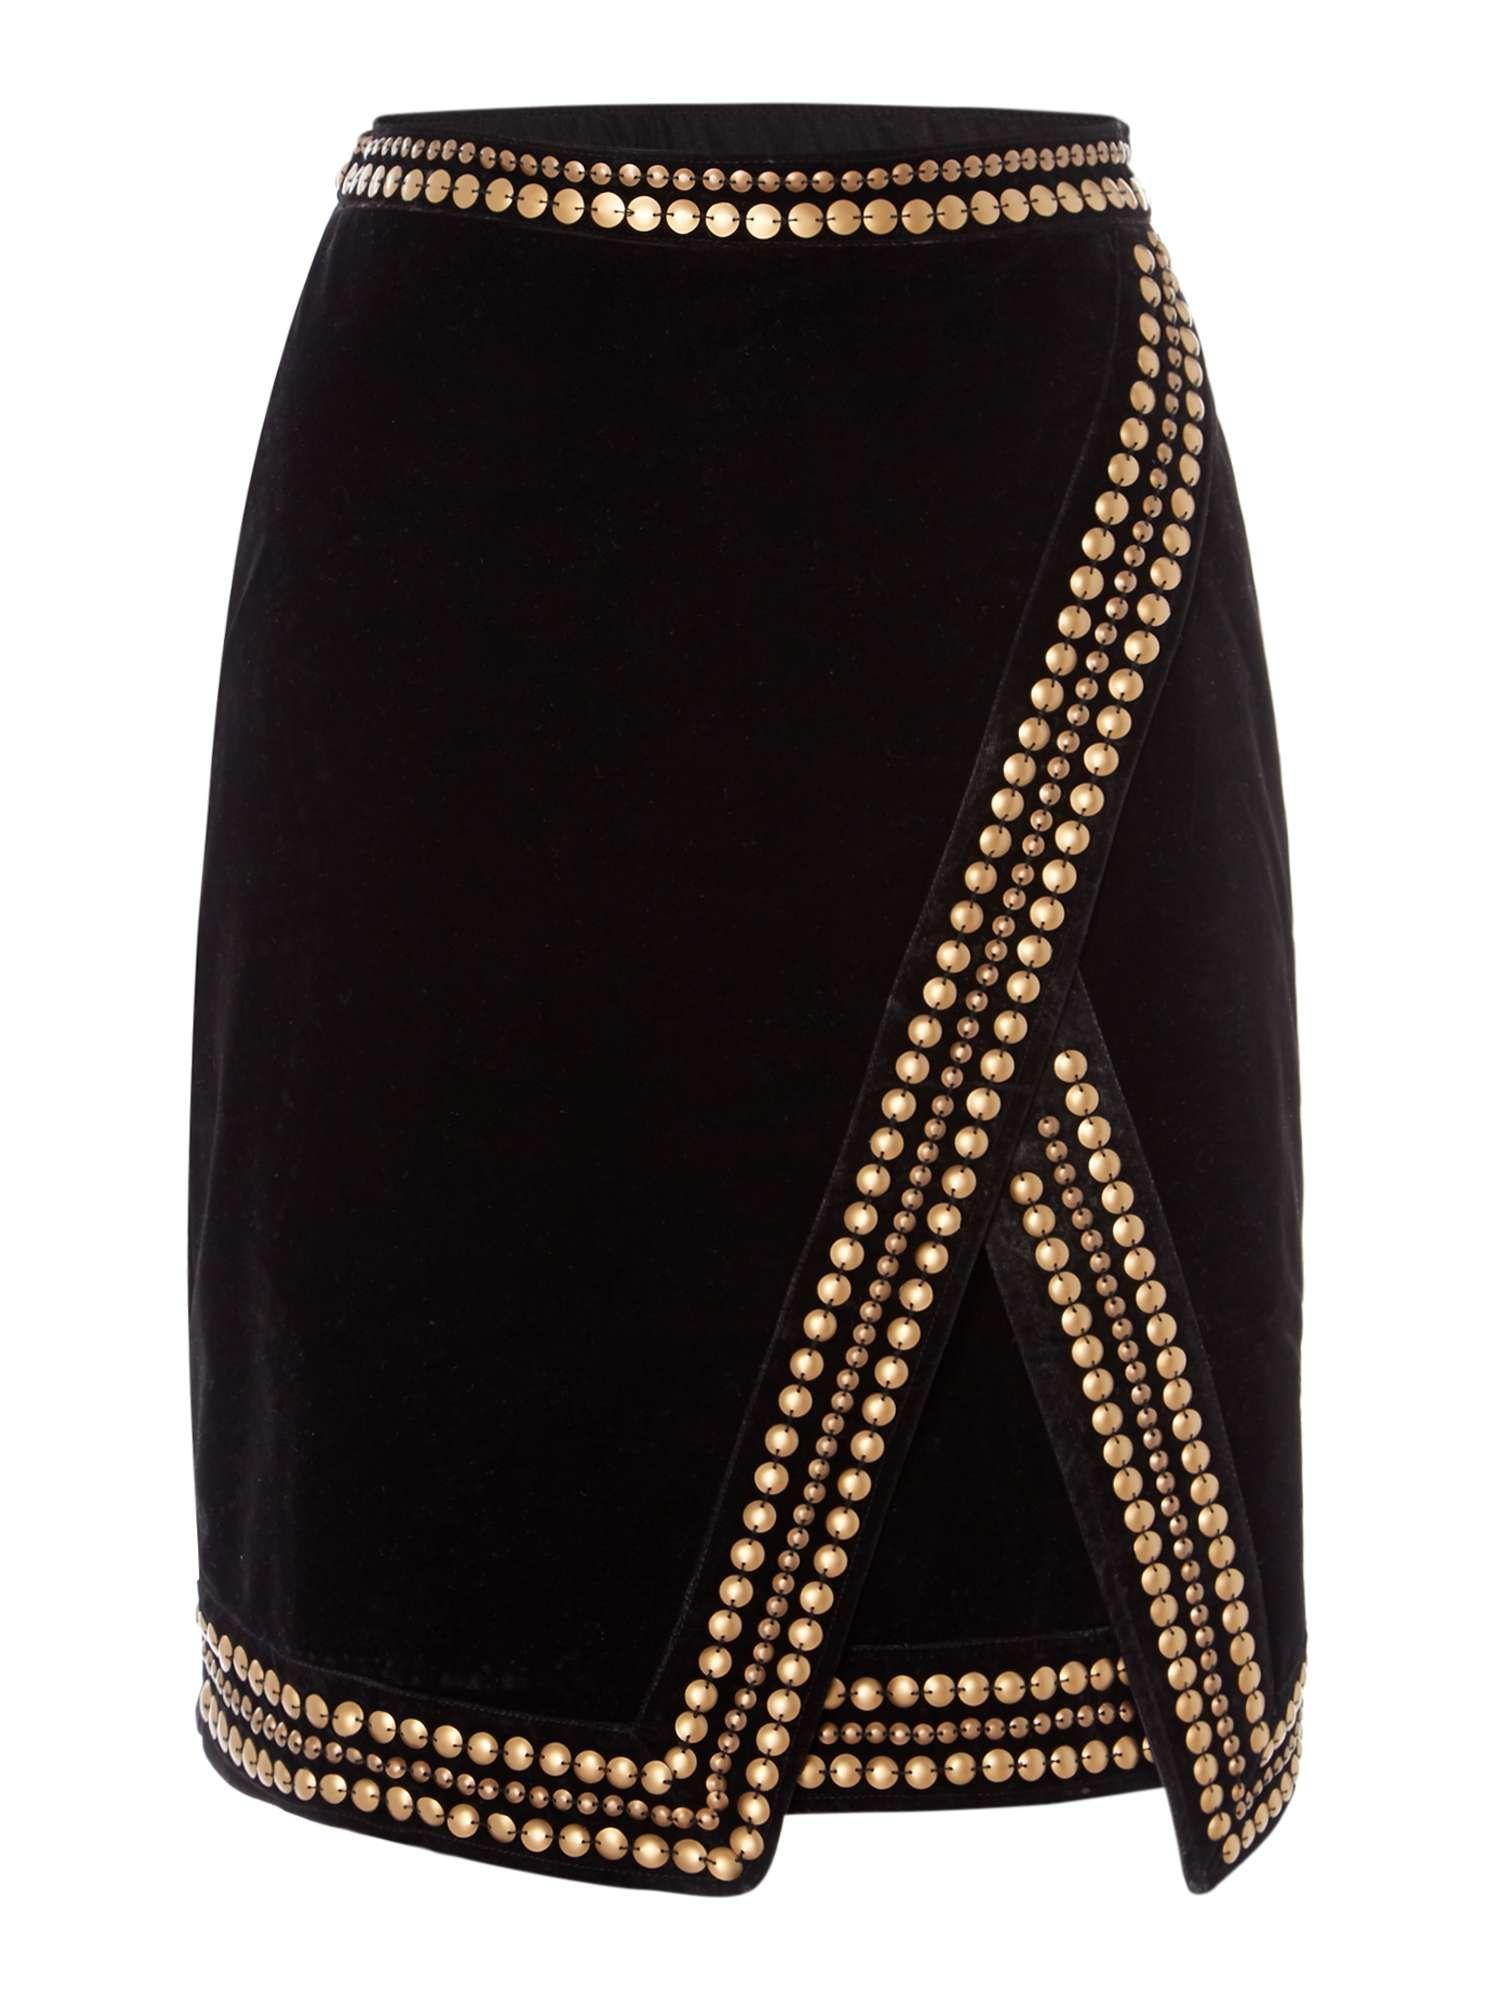 853ea0a26f 89 - House of Fraser - Biba Velvet Studded Skirt in Black | Pretty ...